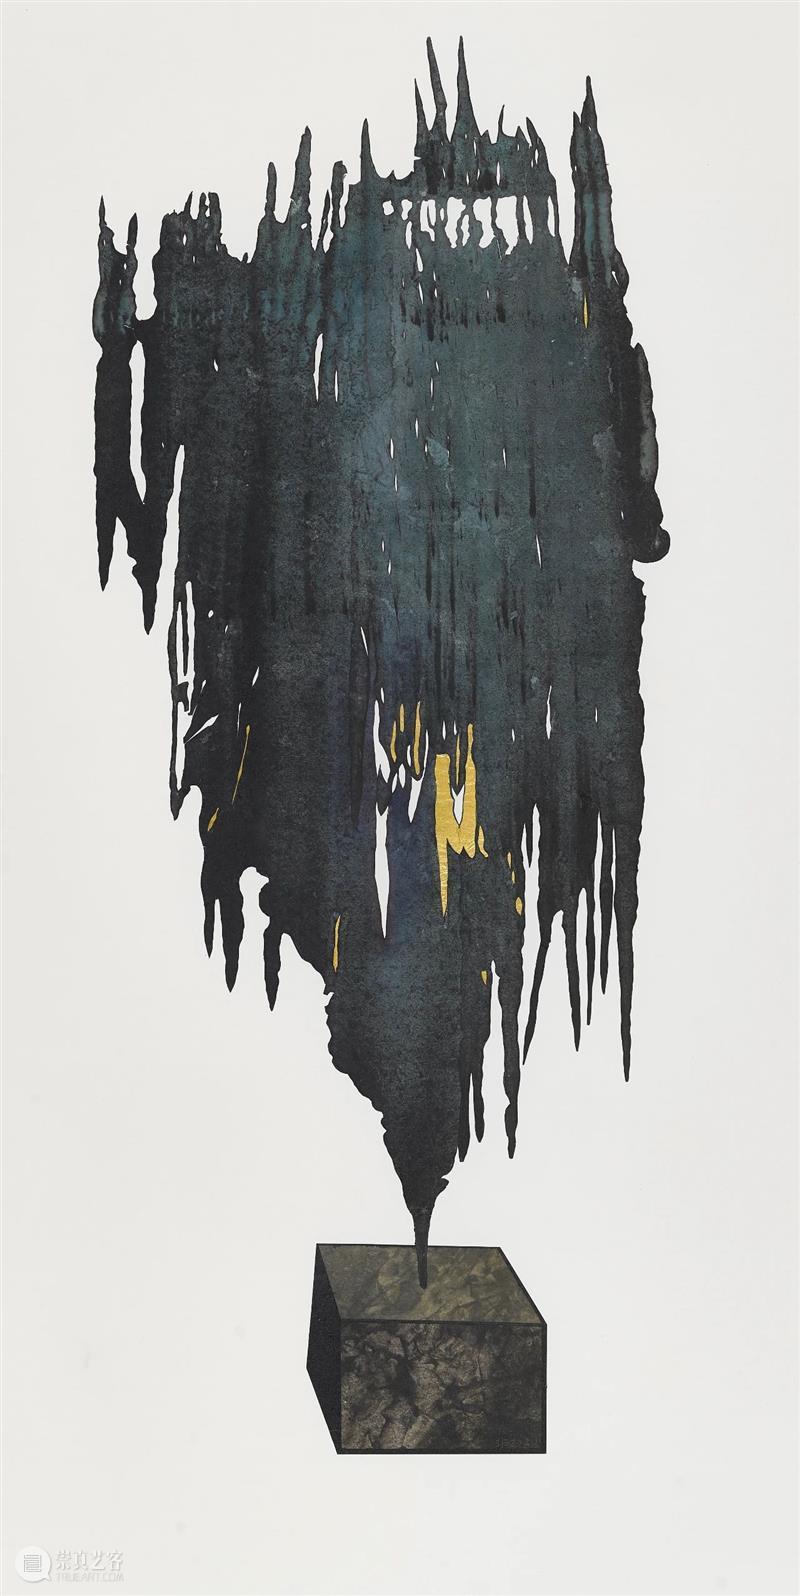 """新写意主义丨王非的""""非水墨"""":非常状态下的空间吐纳 写意主义 水墨 王非 状态 空间 中国 艺术 名家 邀请展 学术 崇真艺客"""